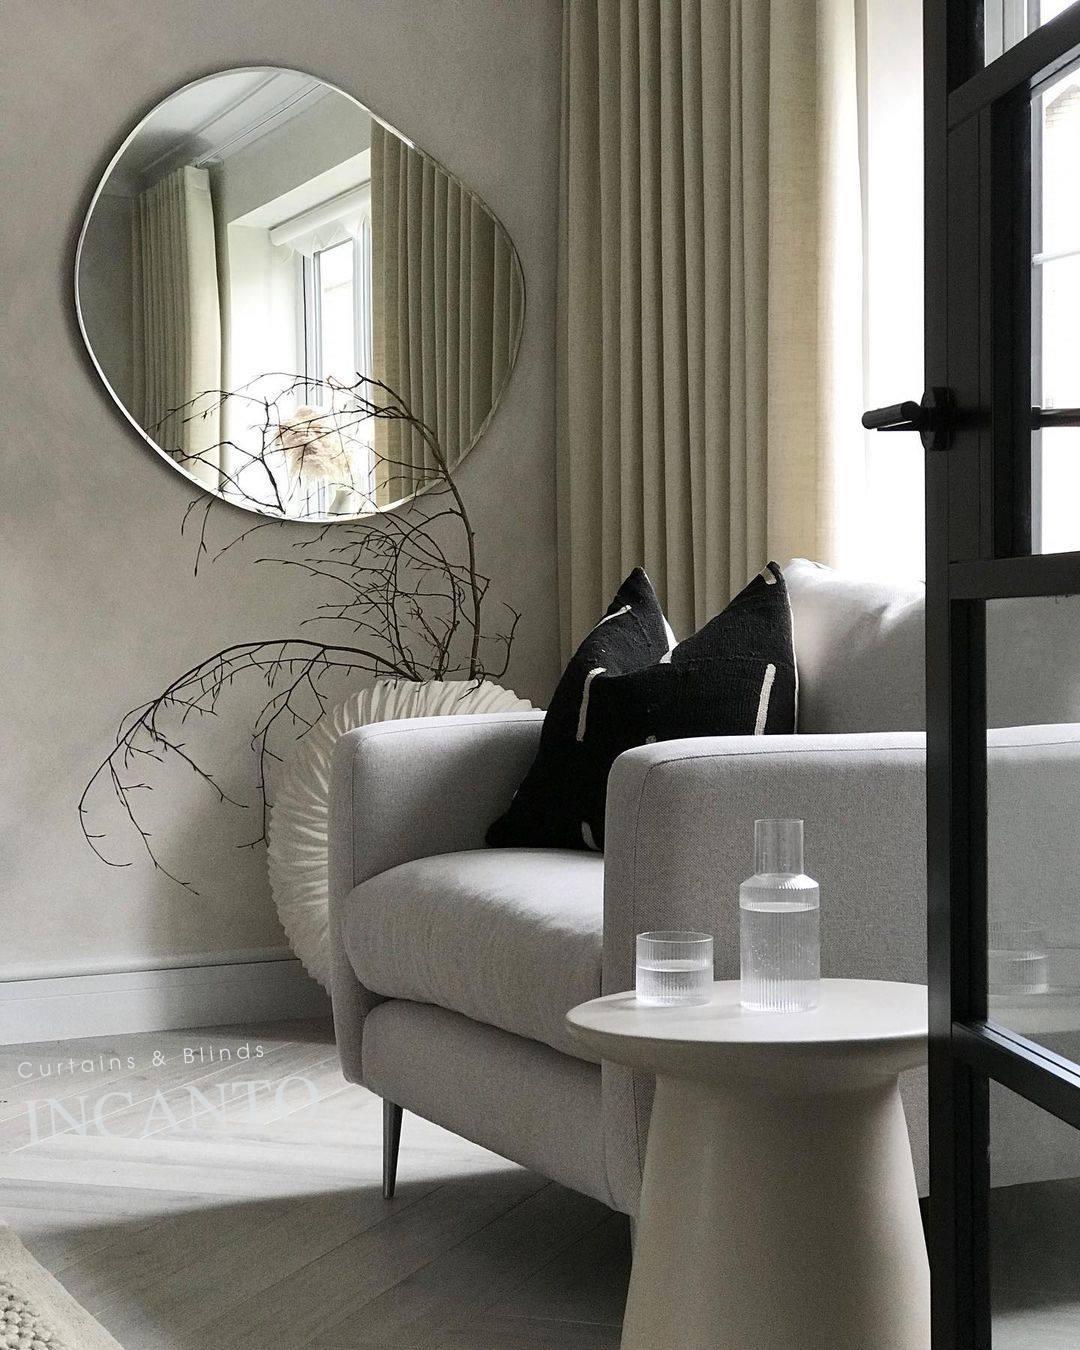 phong cách nội thất tối giản (minimalism) đồ đạc